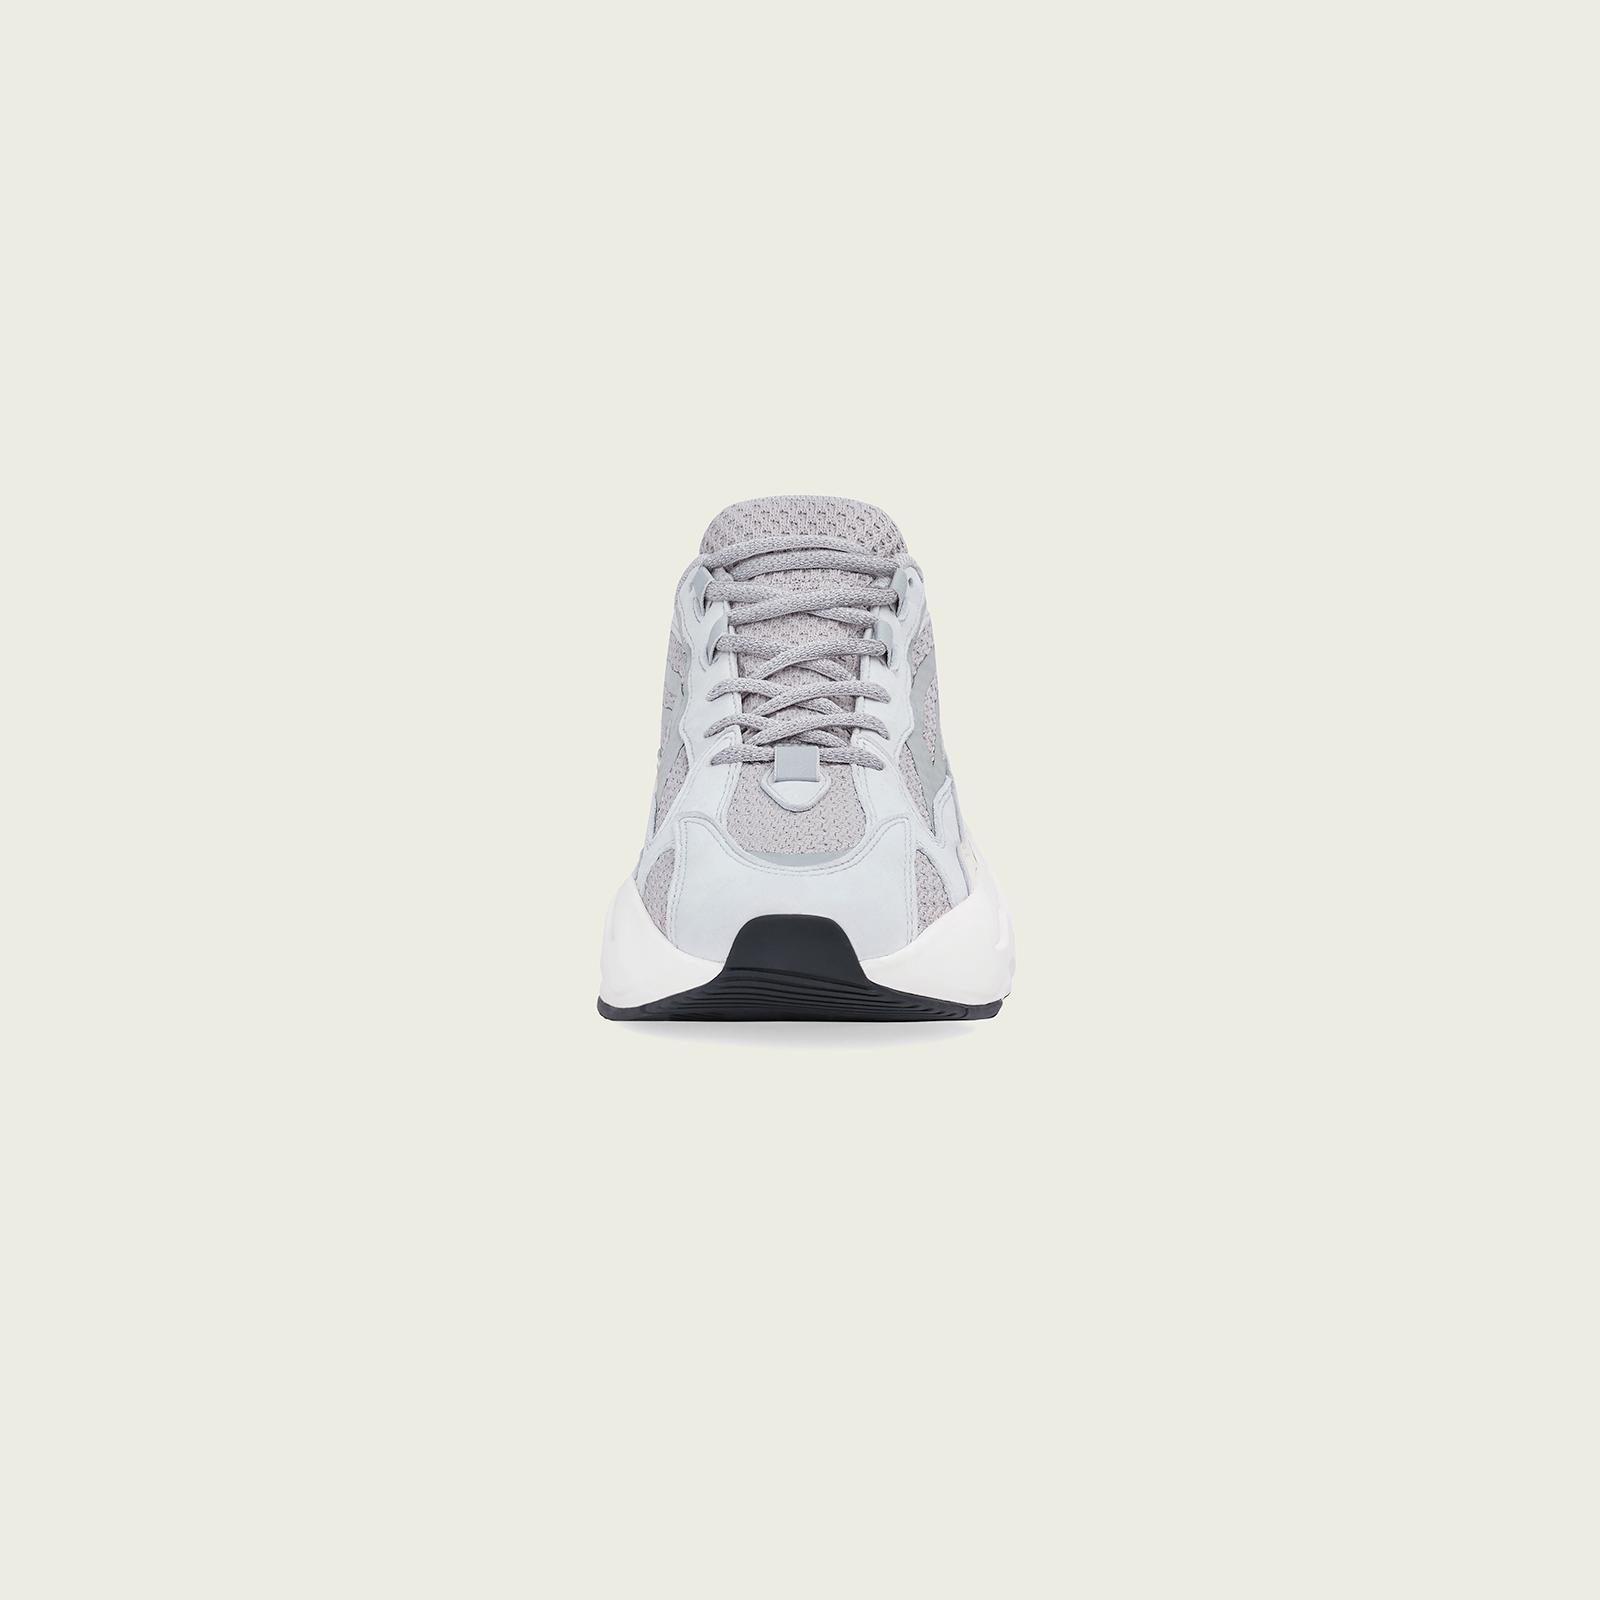 c669287dd adidas Yeezy Boost 700 V2 - Ef2829 - Sneakersnstuff